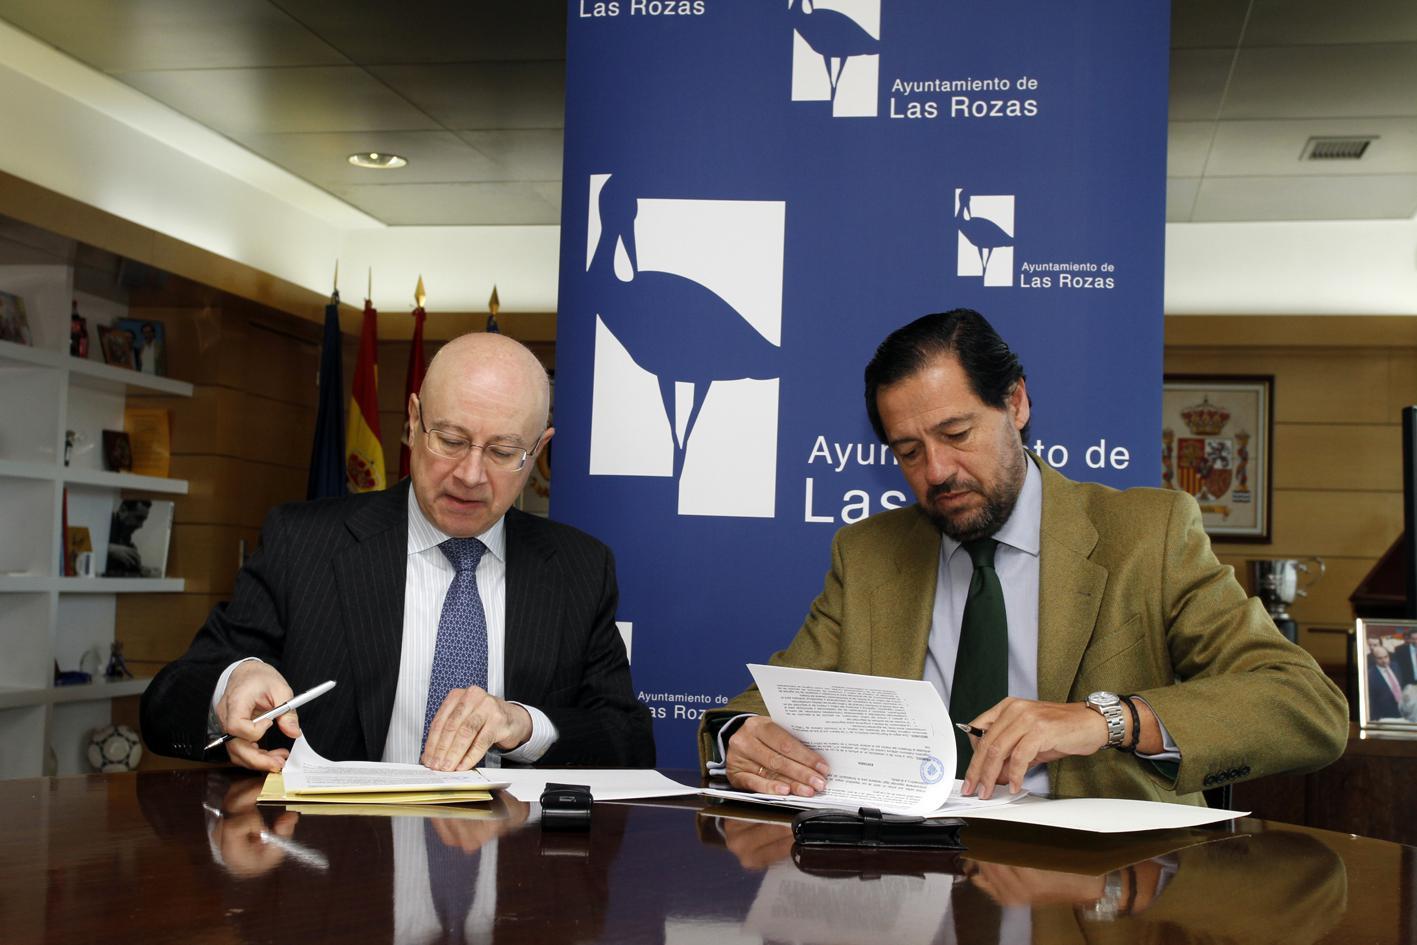 El Ayuntamiento de Las Rozas y la DGT firman un convenio para mejorar la seguridad del tráfico en el municipio.